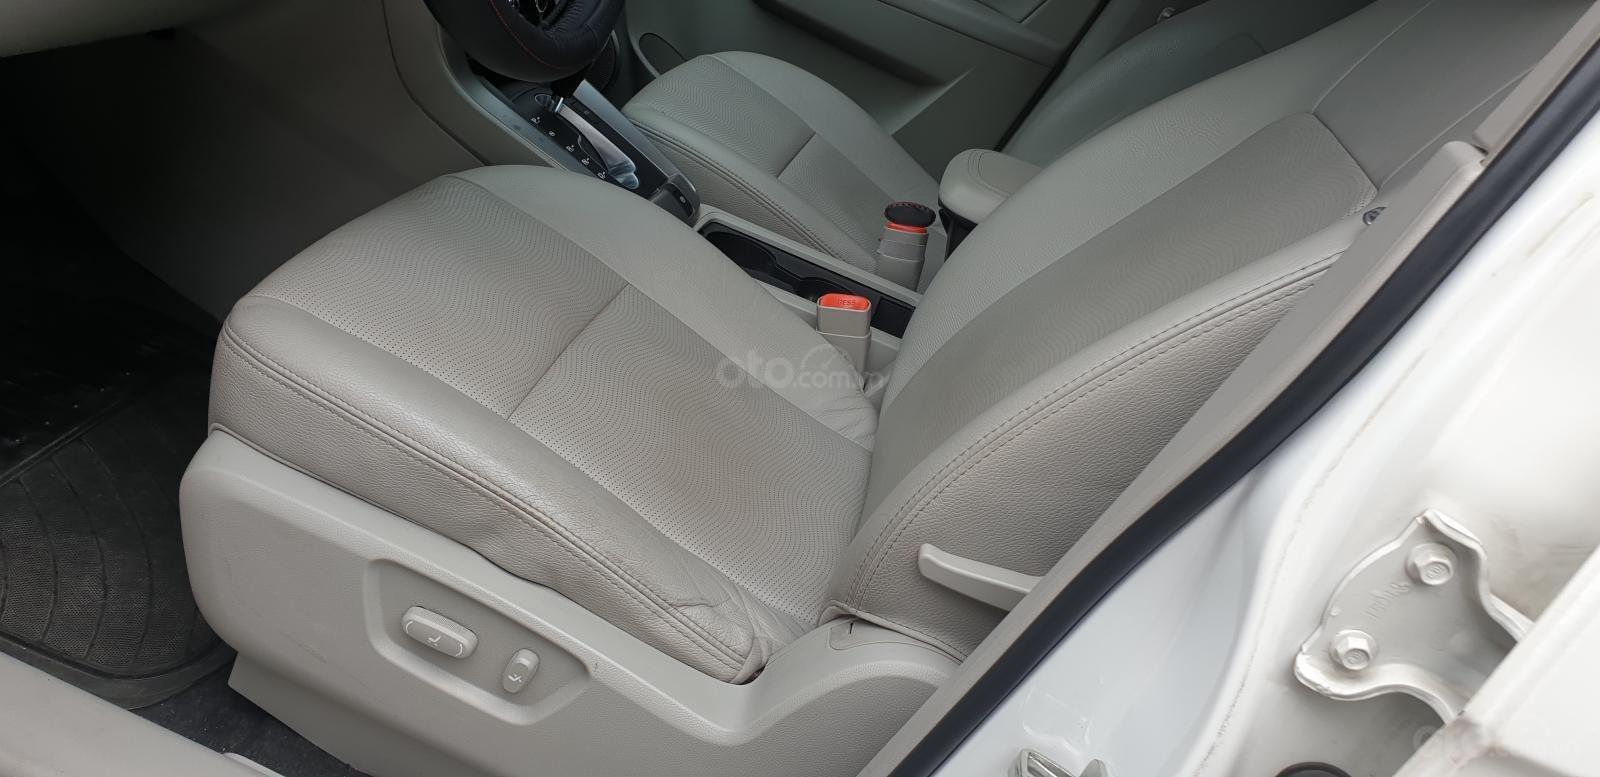 Bán Chevrolet Captiva LTZ máy Ecotec số tự động model 2016, SX T12/ 2015, màu trắng, đẹp mới 90% (18)